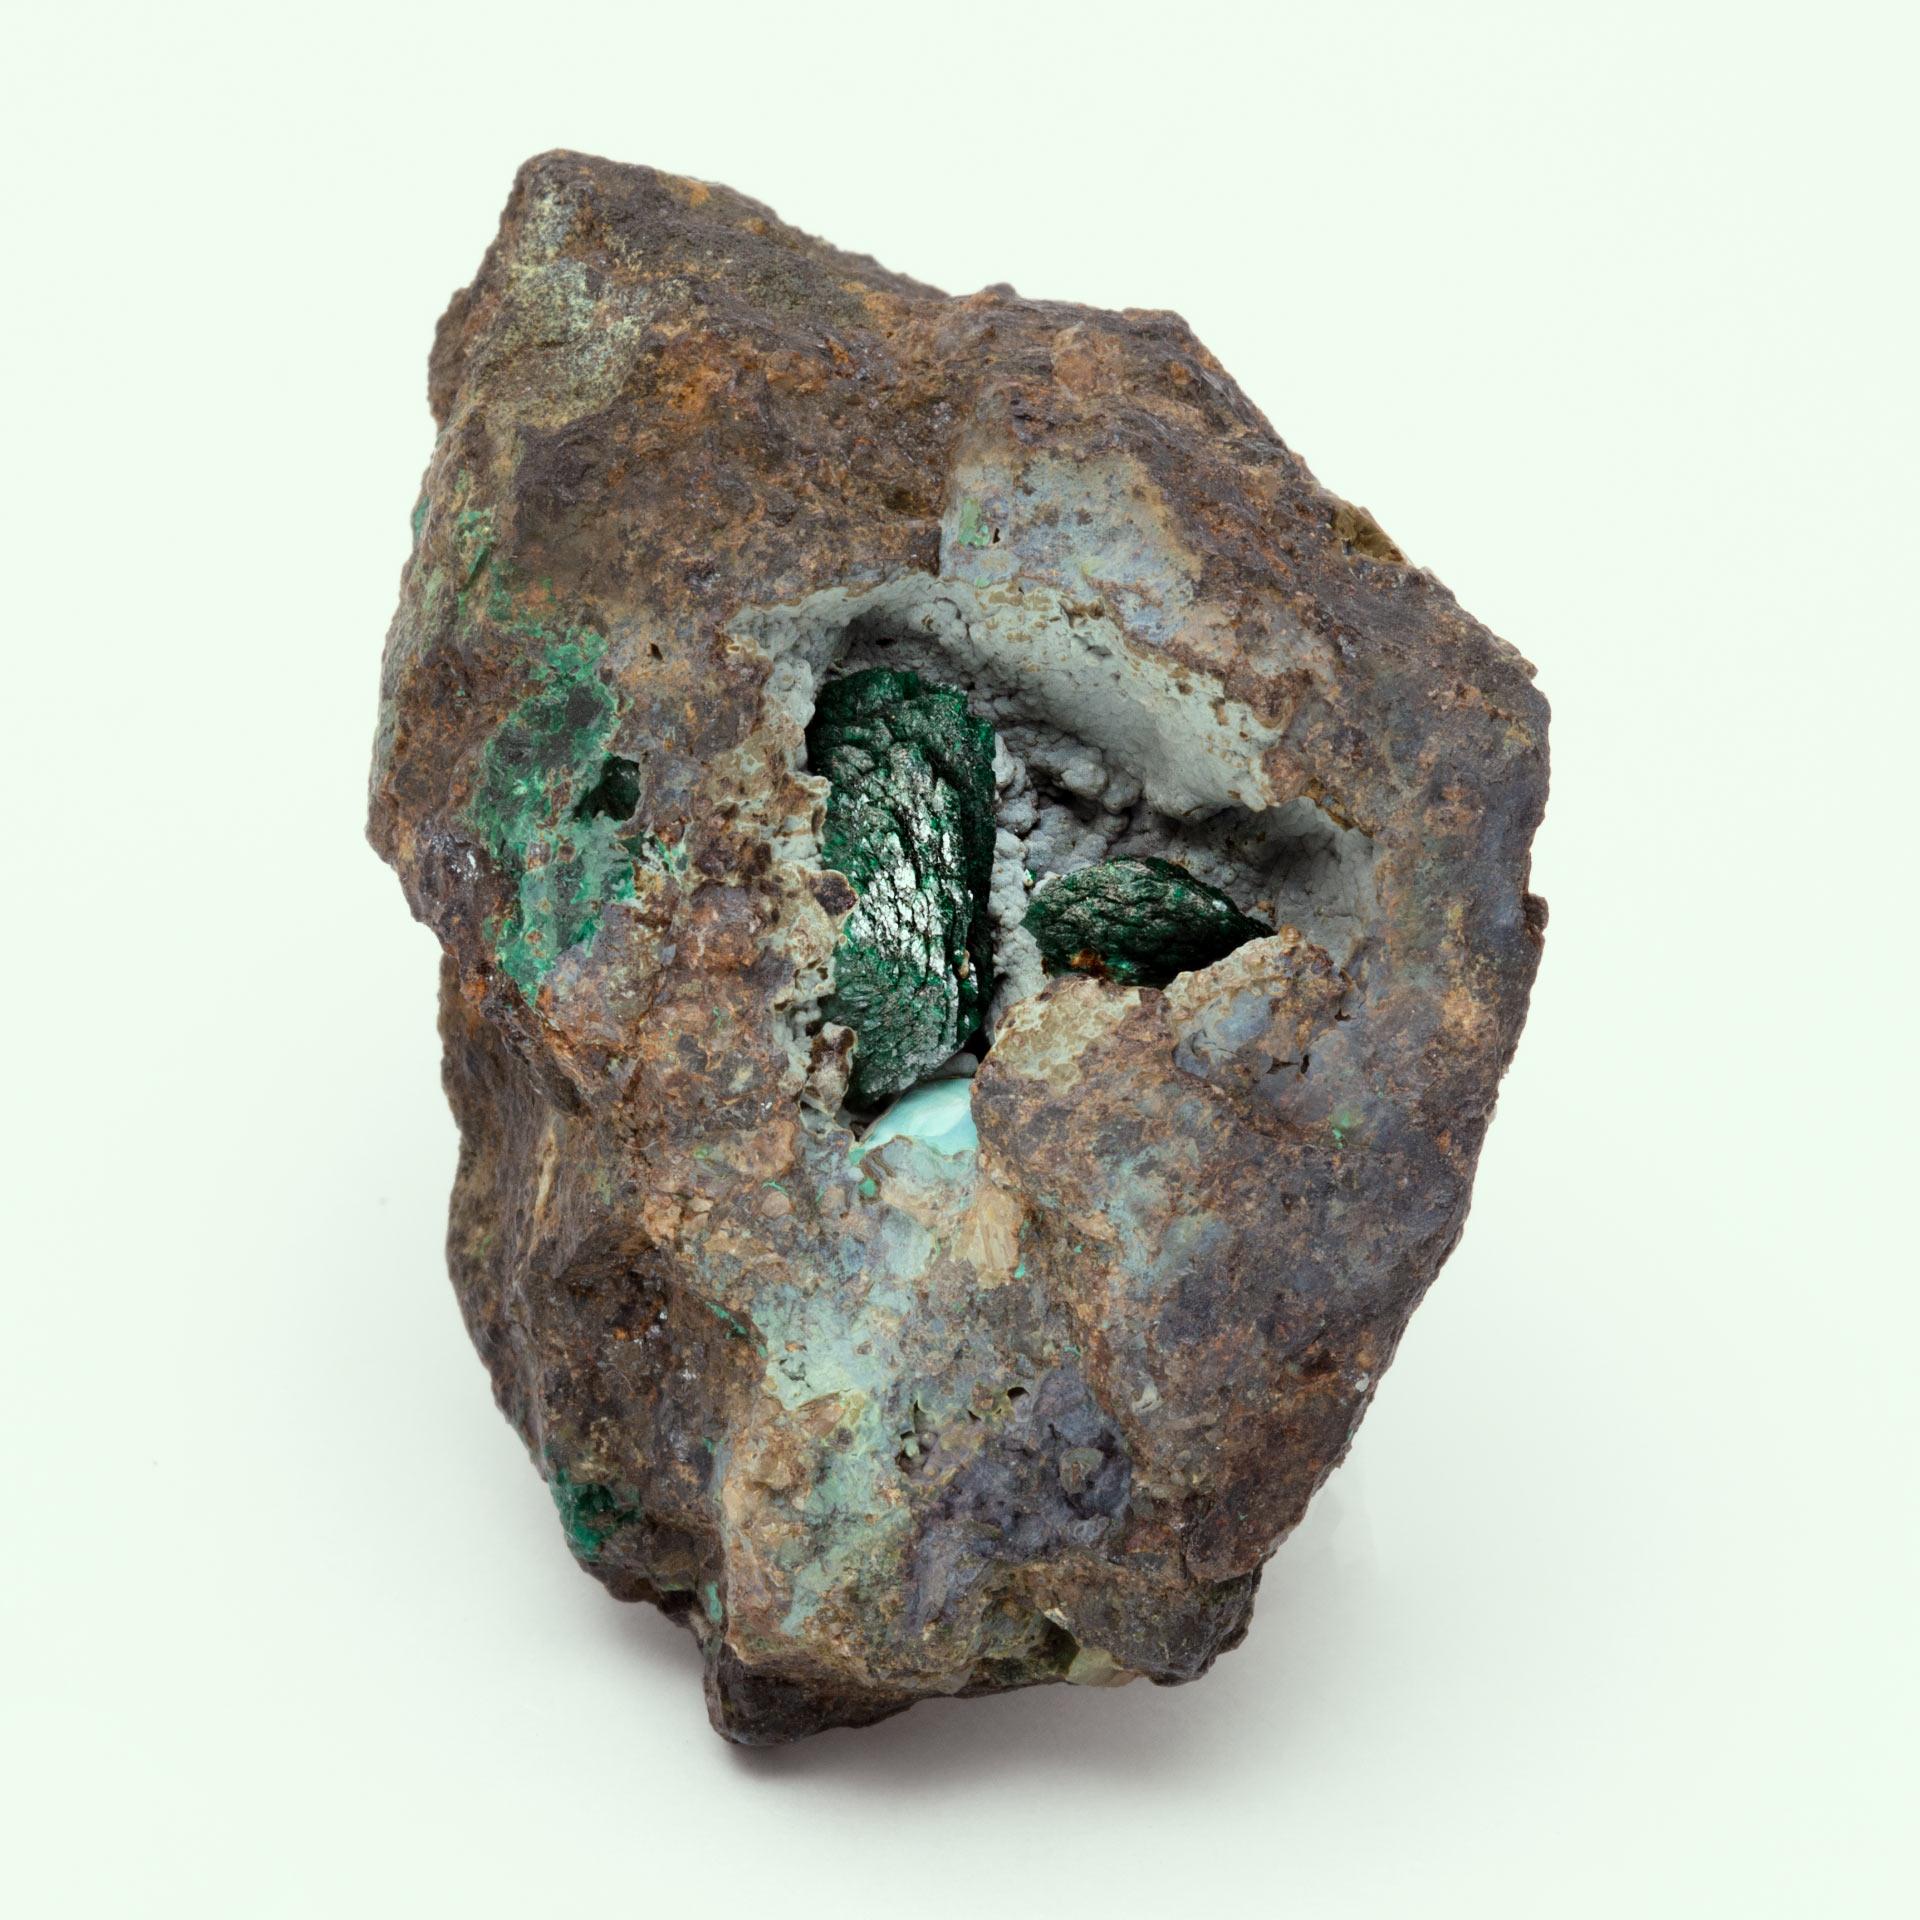 Un nou tip de mineral a fost găsit pe o piatră veche de peste 200 de ani